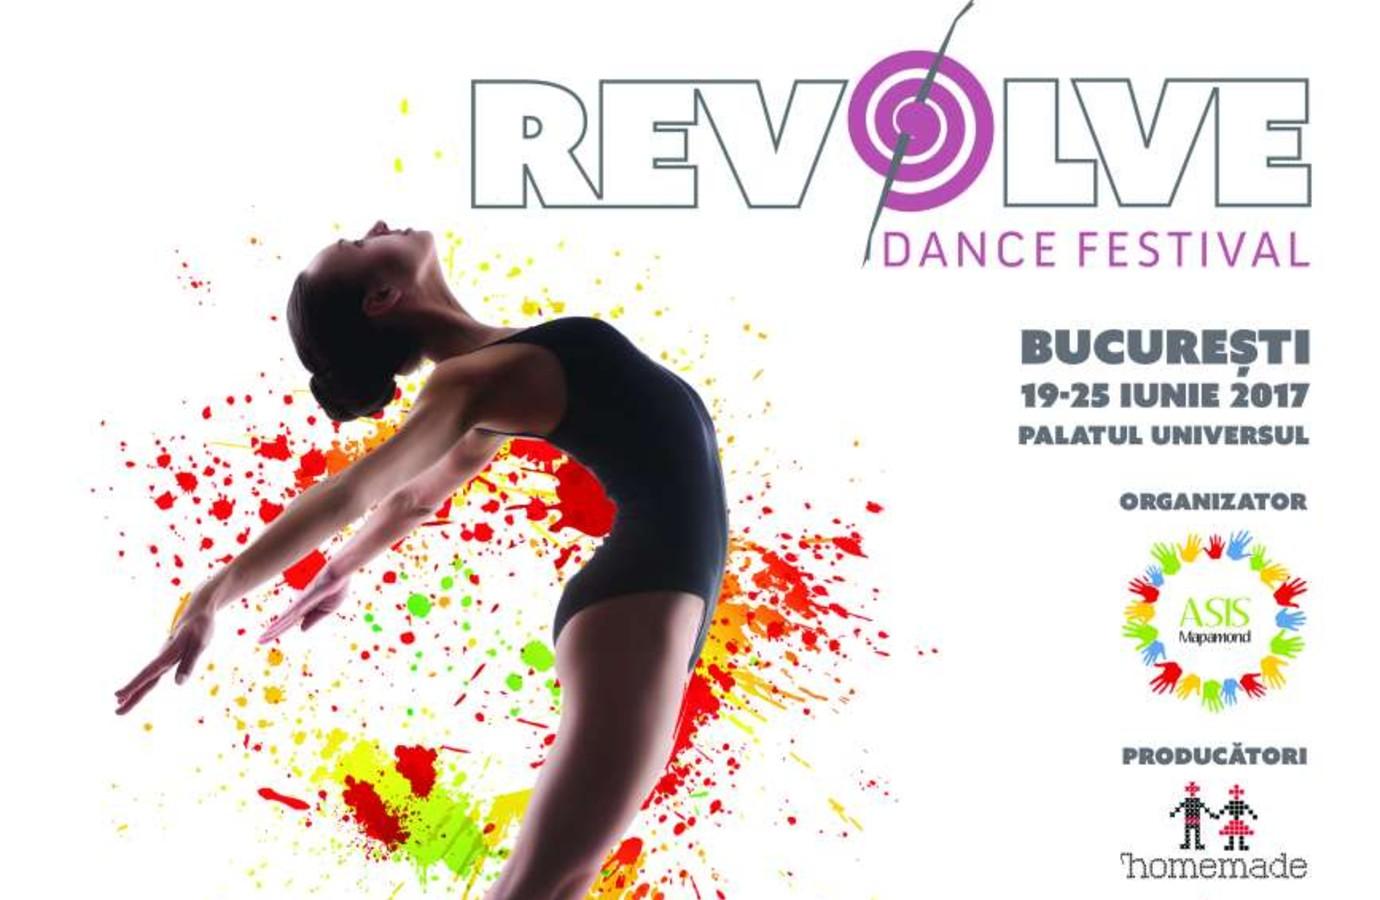 Revolve Dance Festival